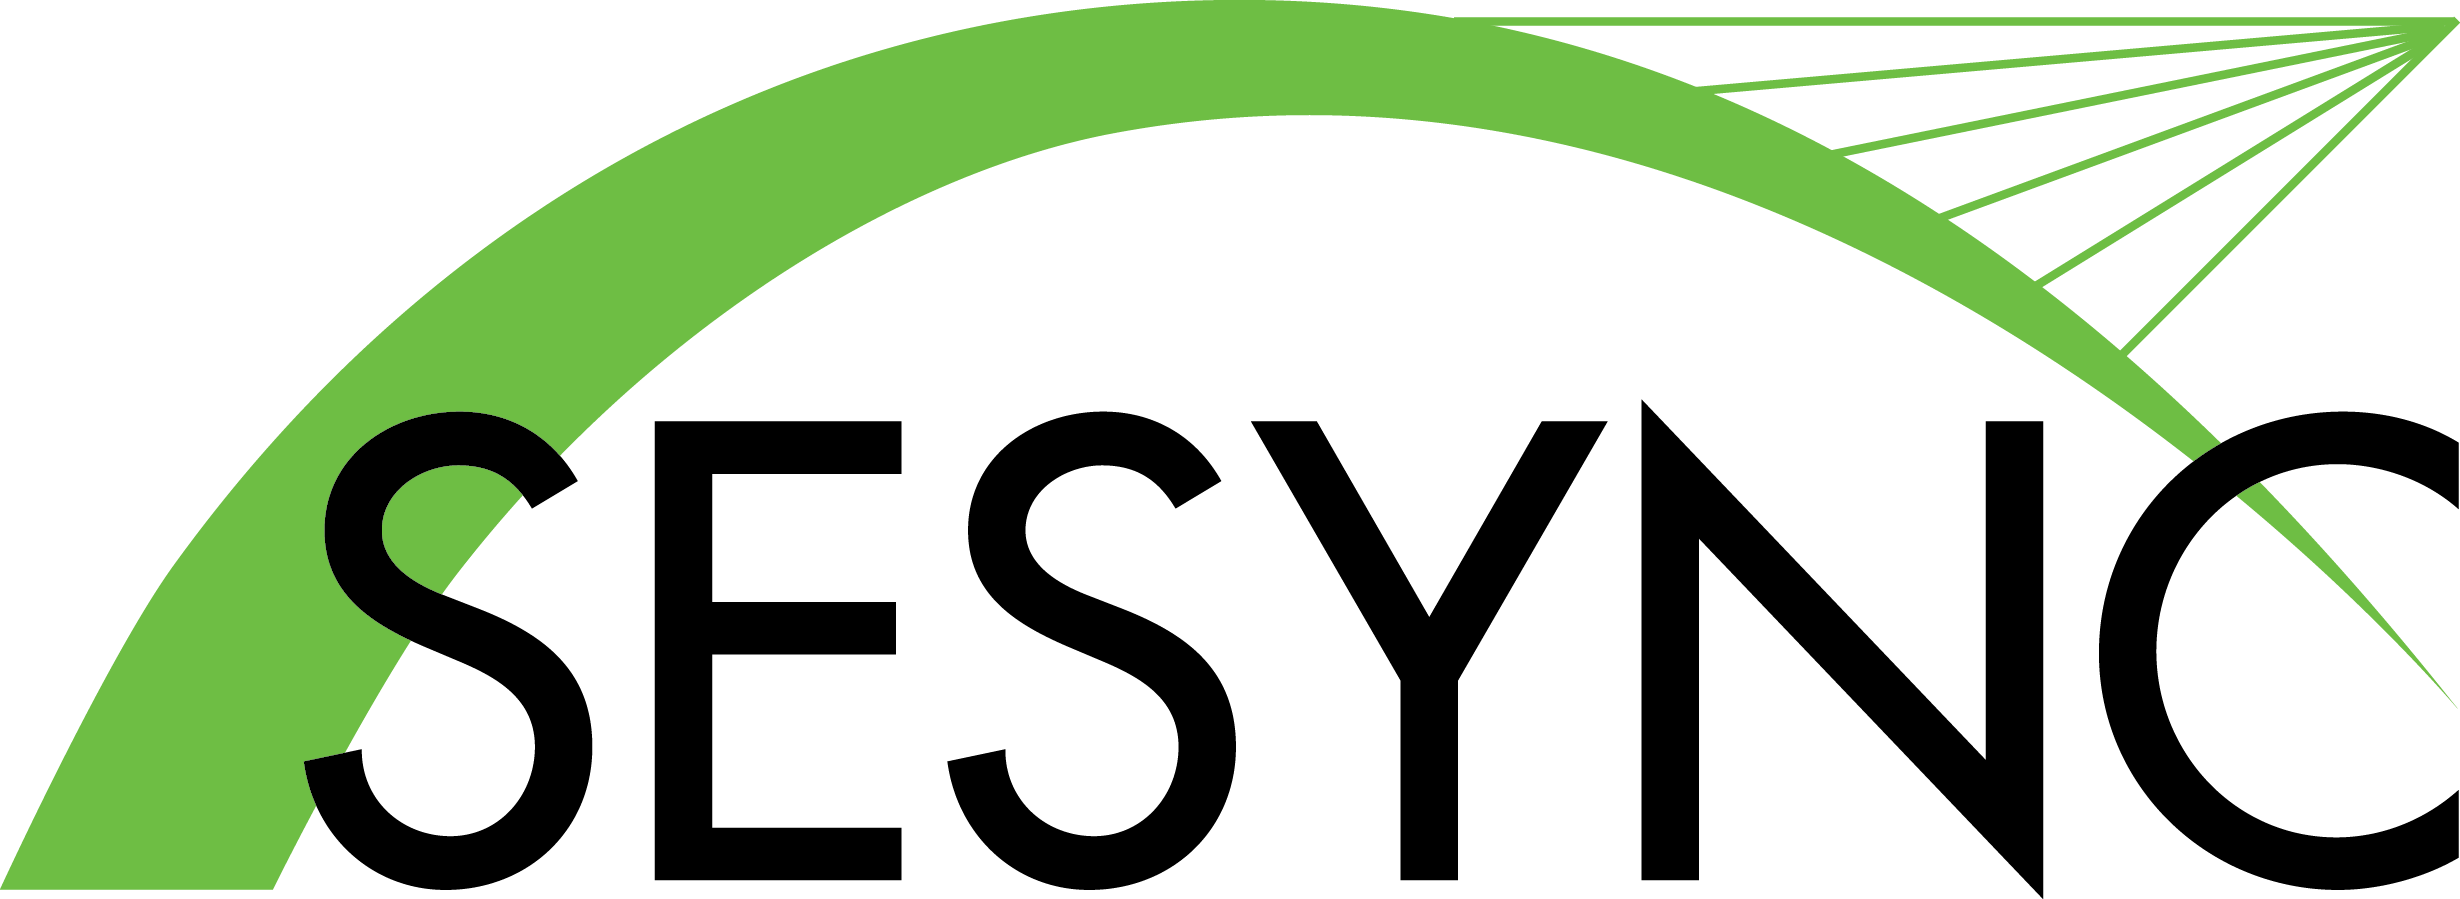 SESYNC.png